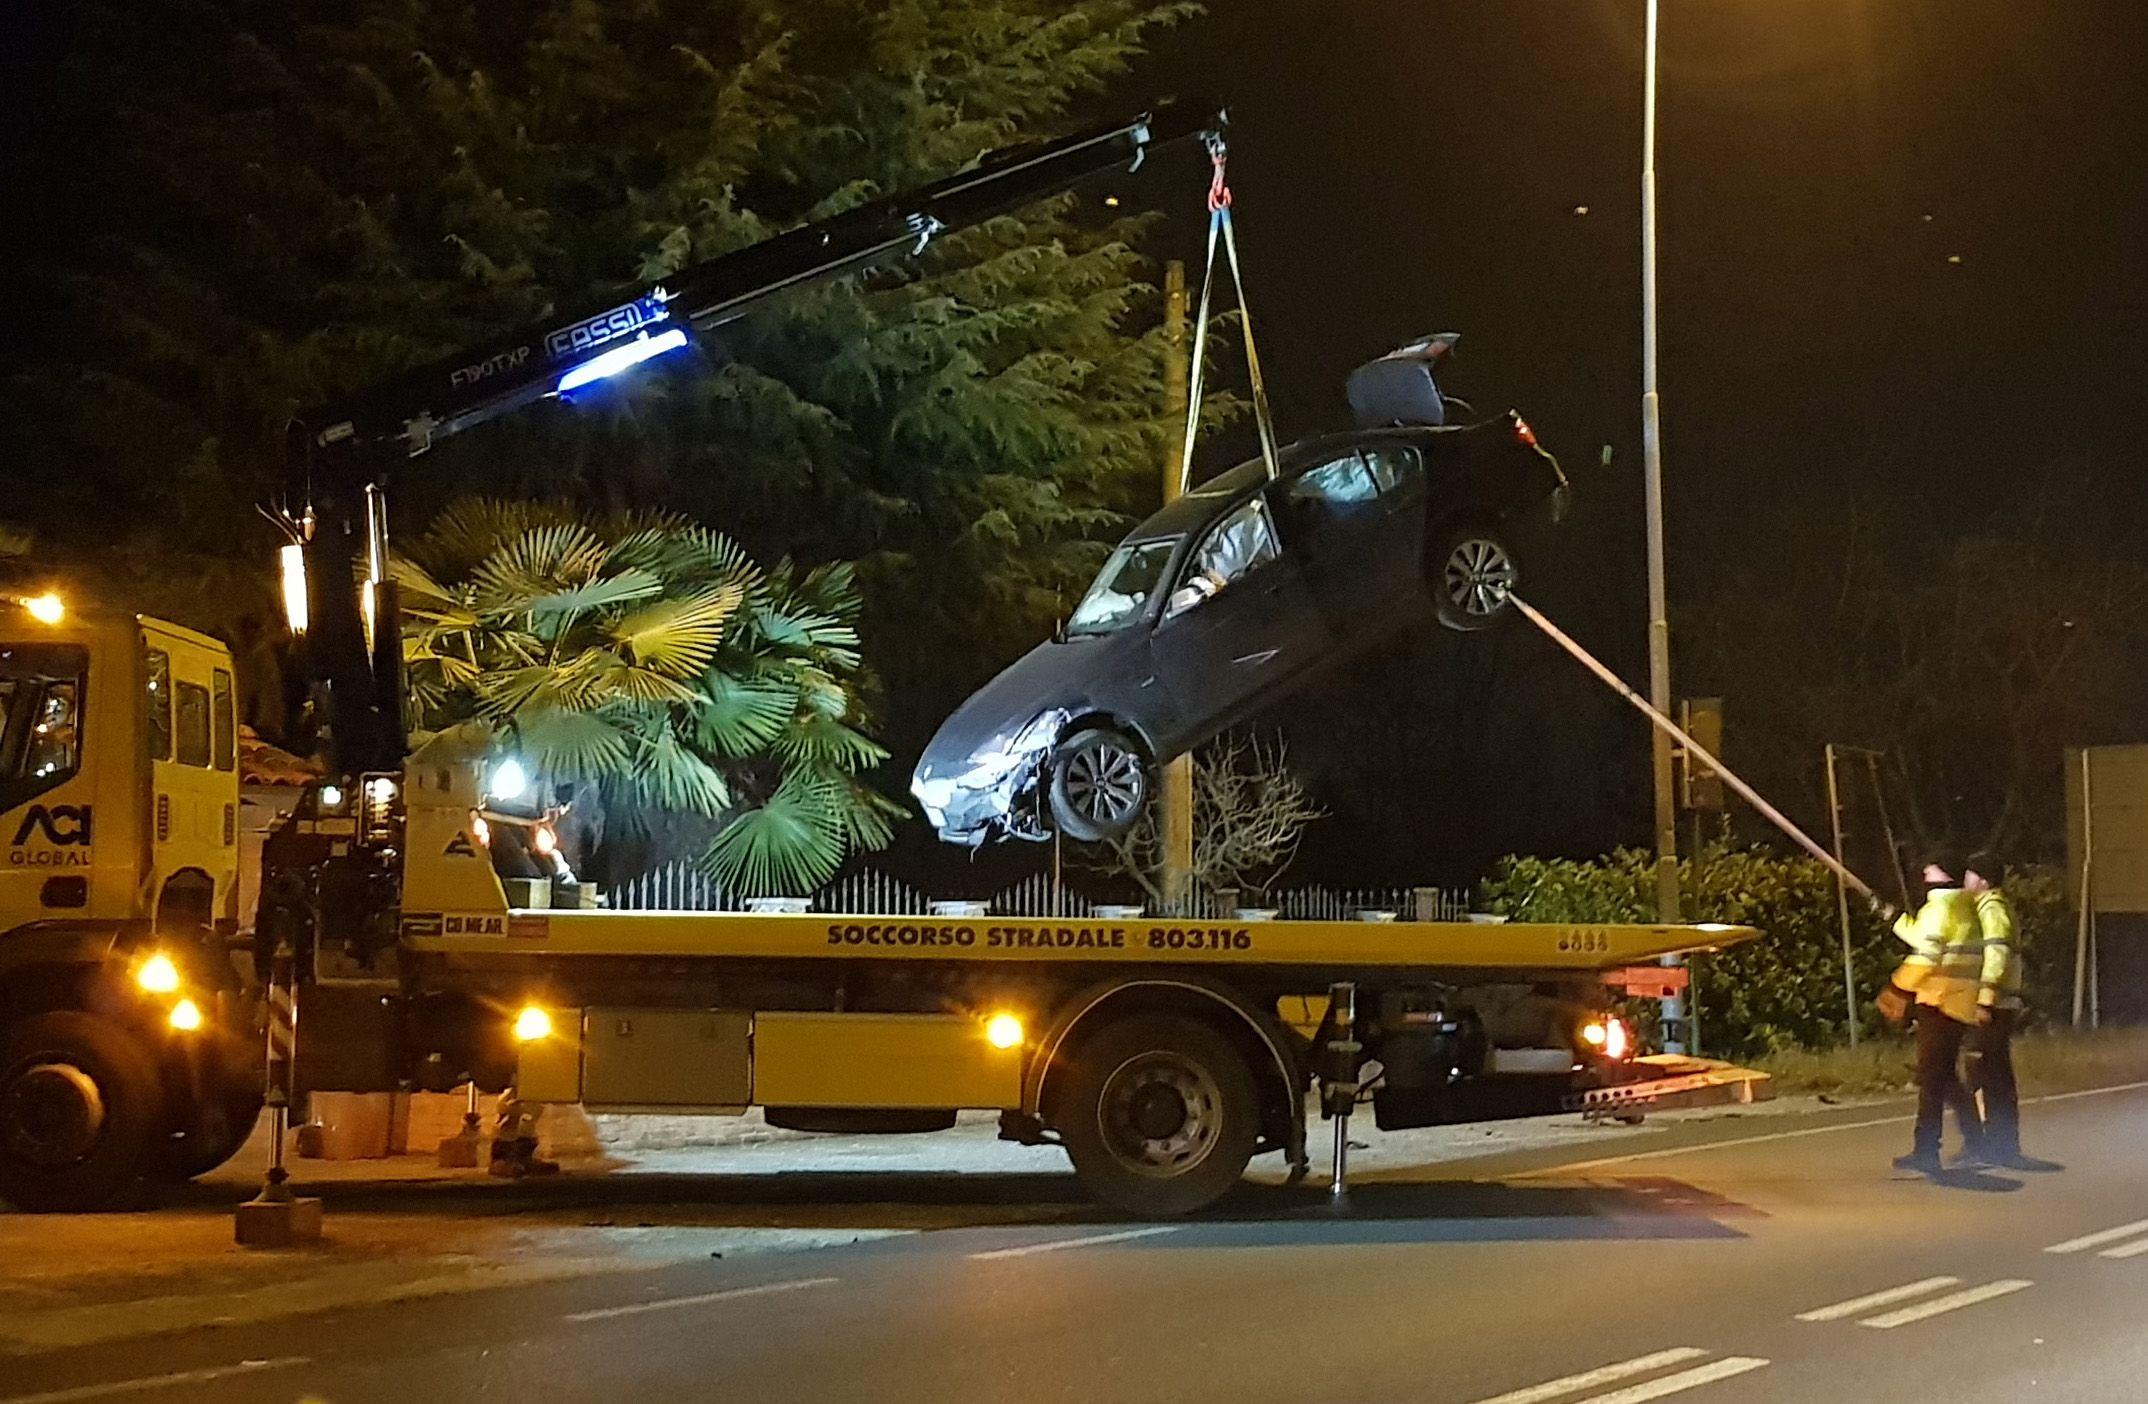 FELETTO - Altri due incidenti stradali lungo la 460 - FOTO